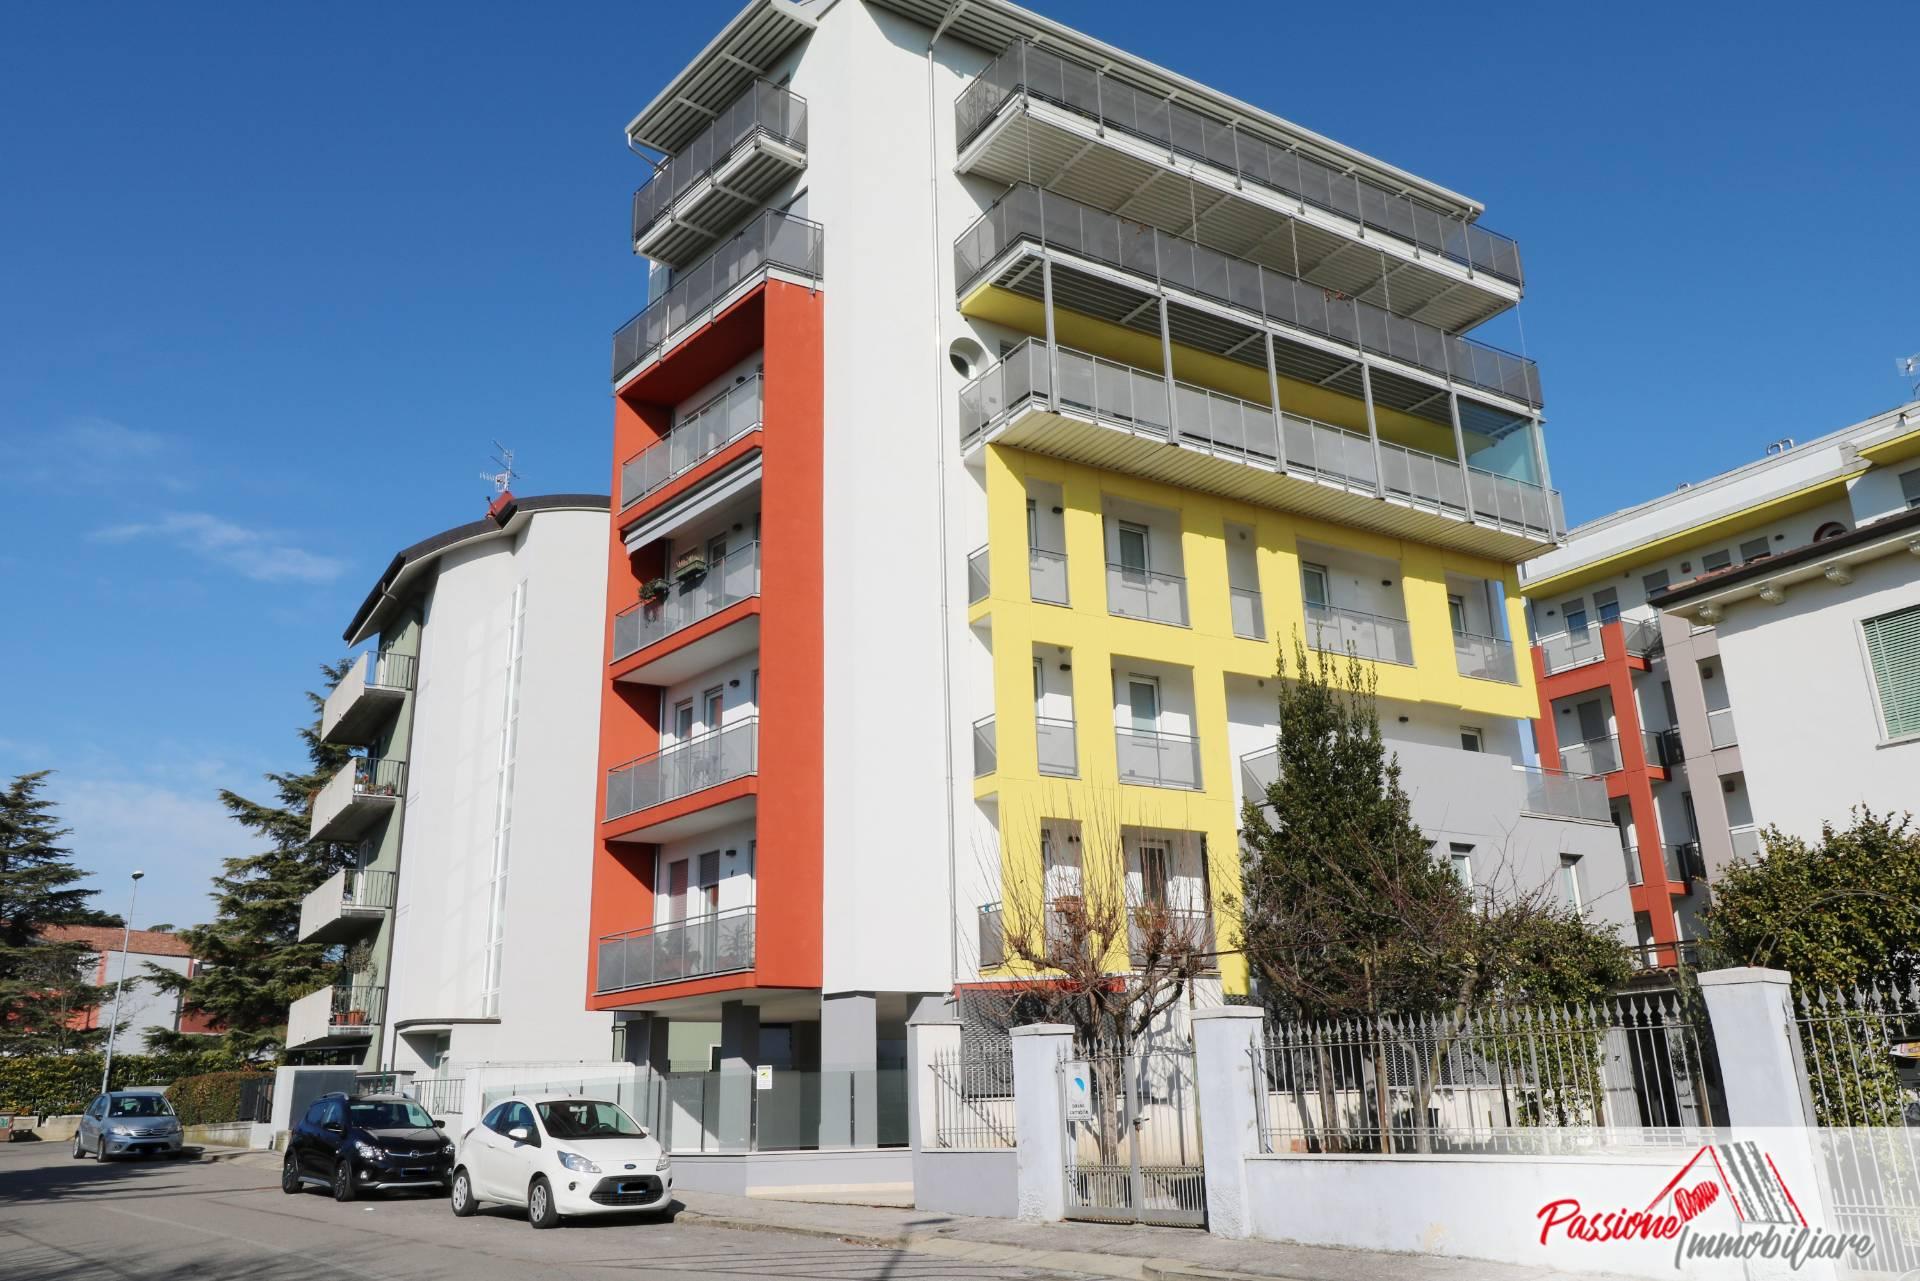 Appartamento in vendita a Verona, 2 locali, zona Località: PonteCrencano, prezzo € 195.000 | PortaleAgenzieImmobiliari.it